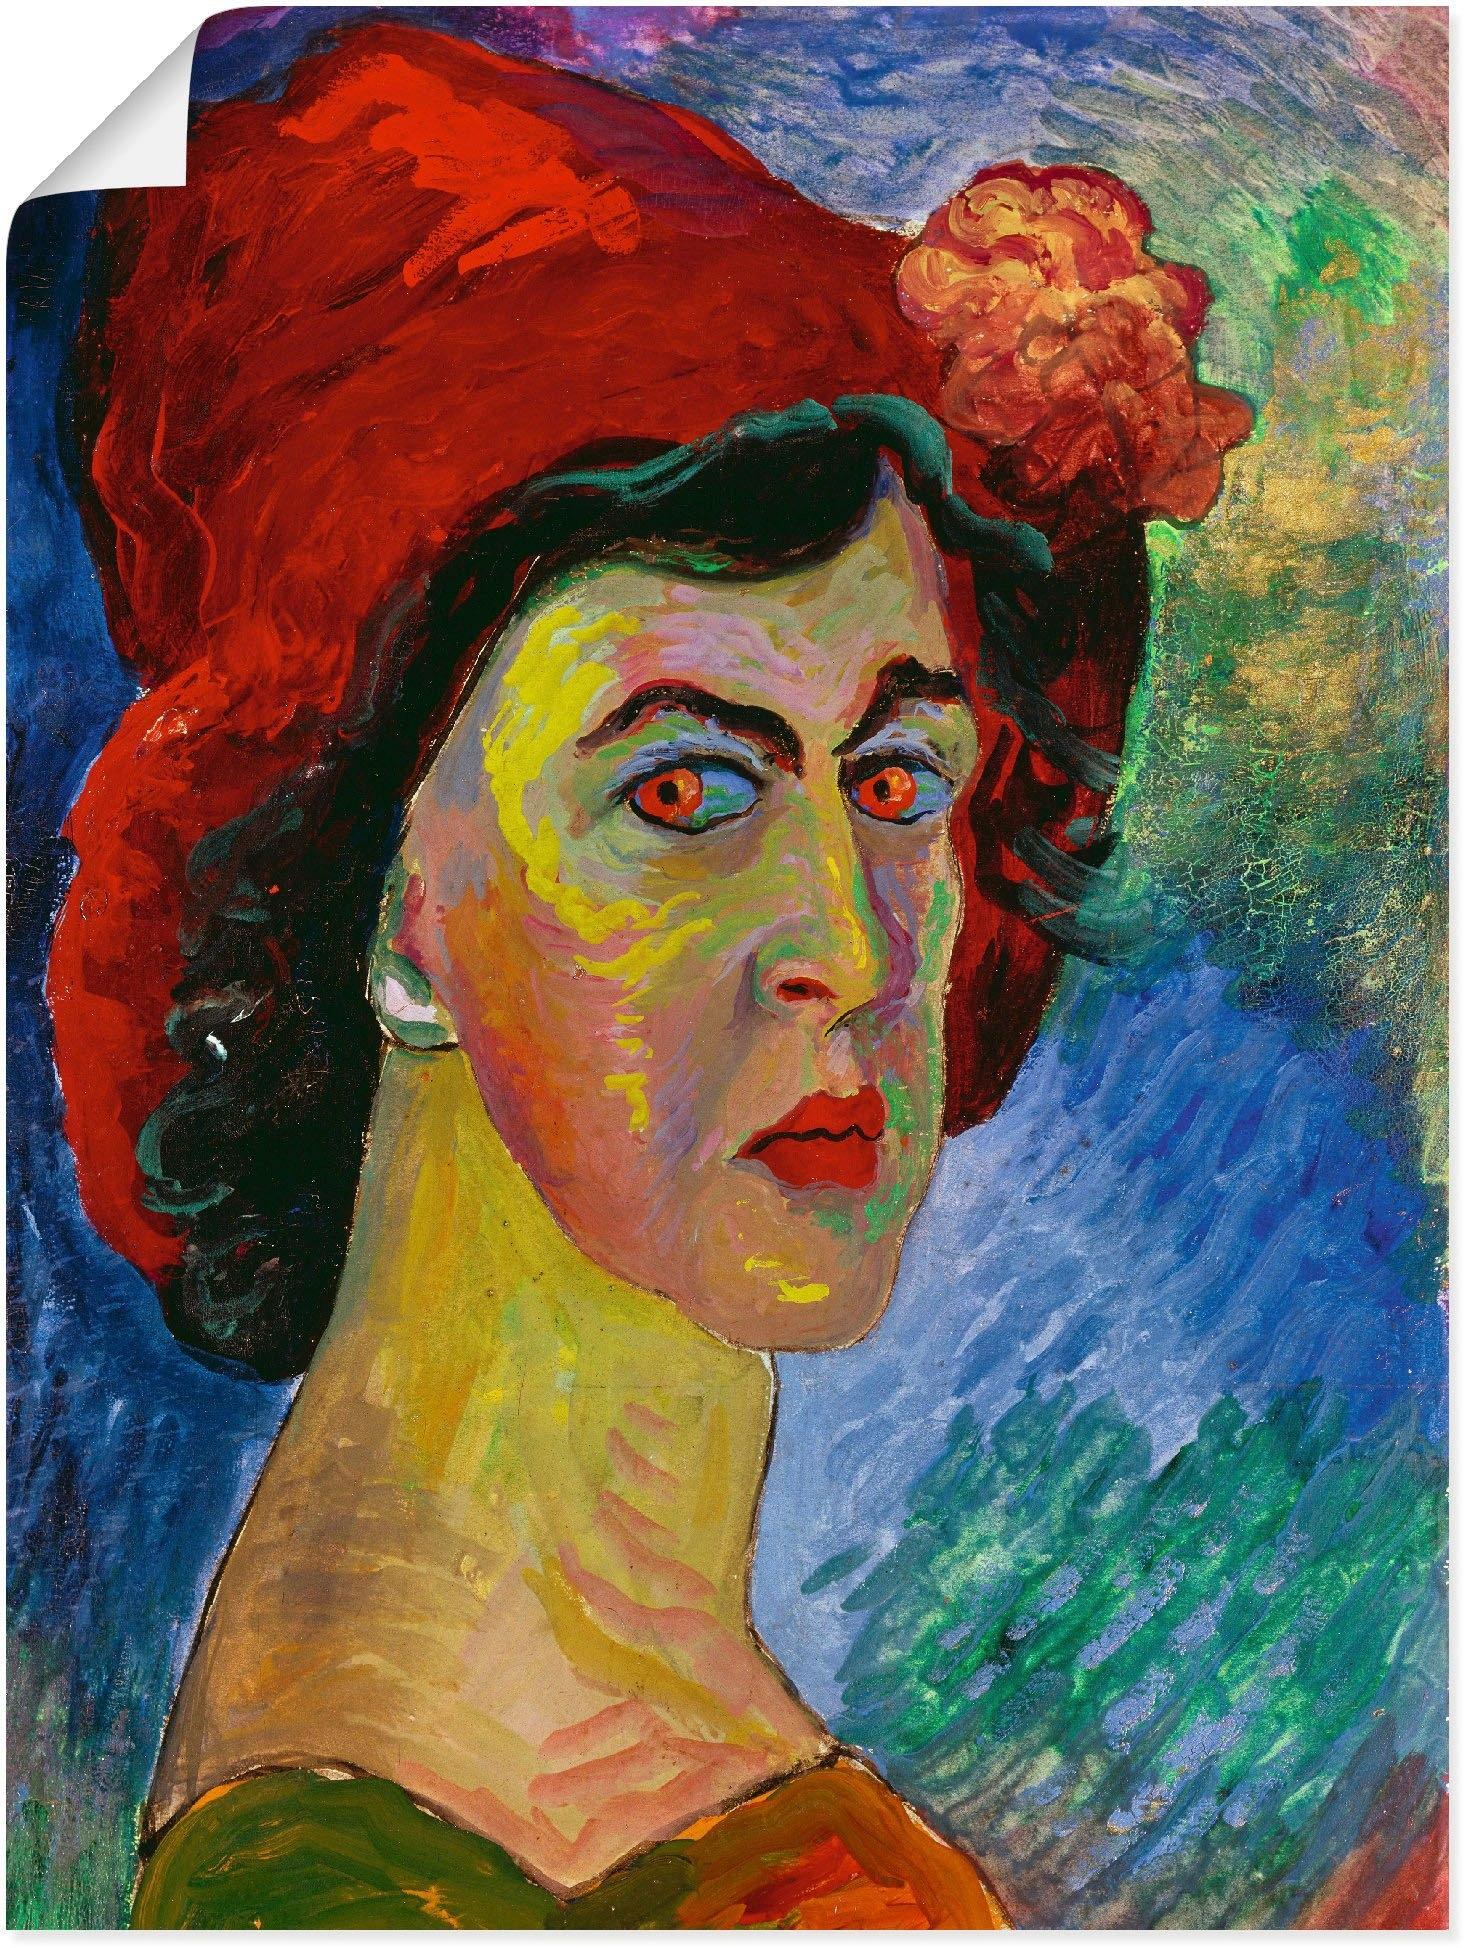 Artland artprint »Selbstbildnis I. um 1908.« bestellen: 30 dagen bedenktijd